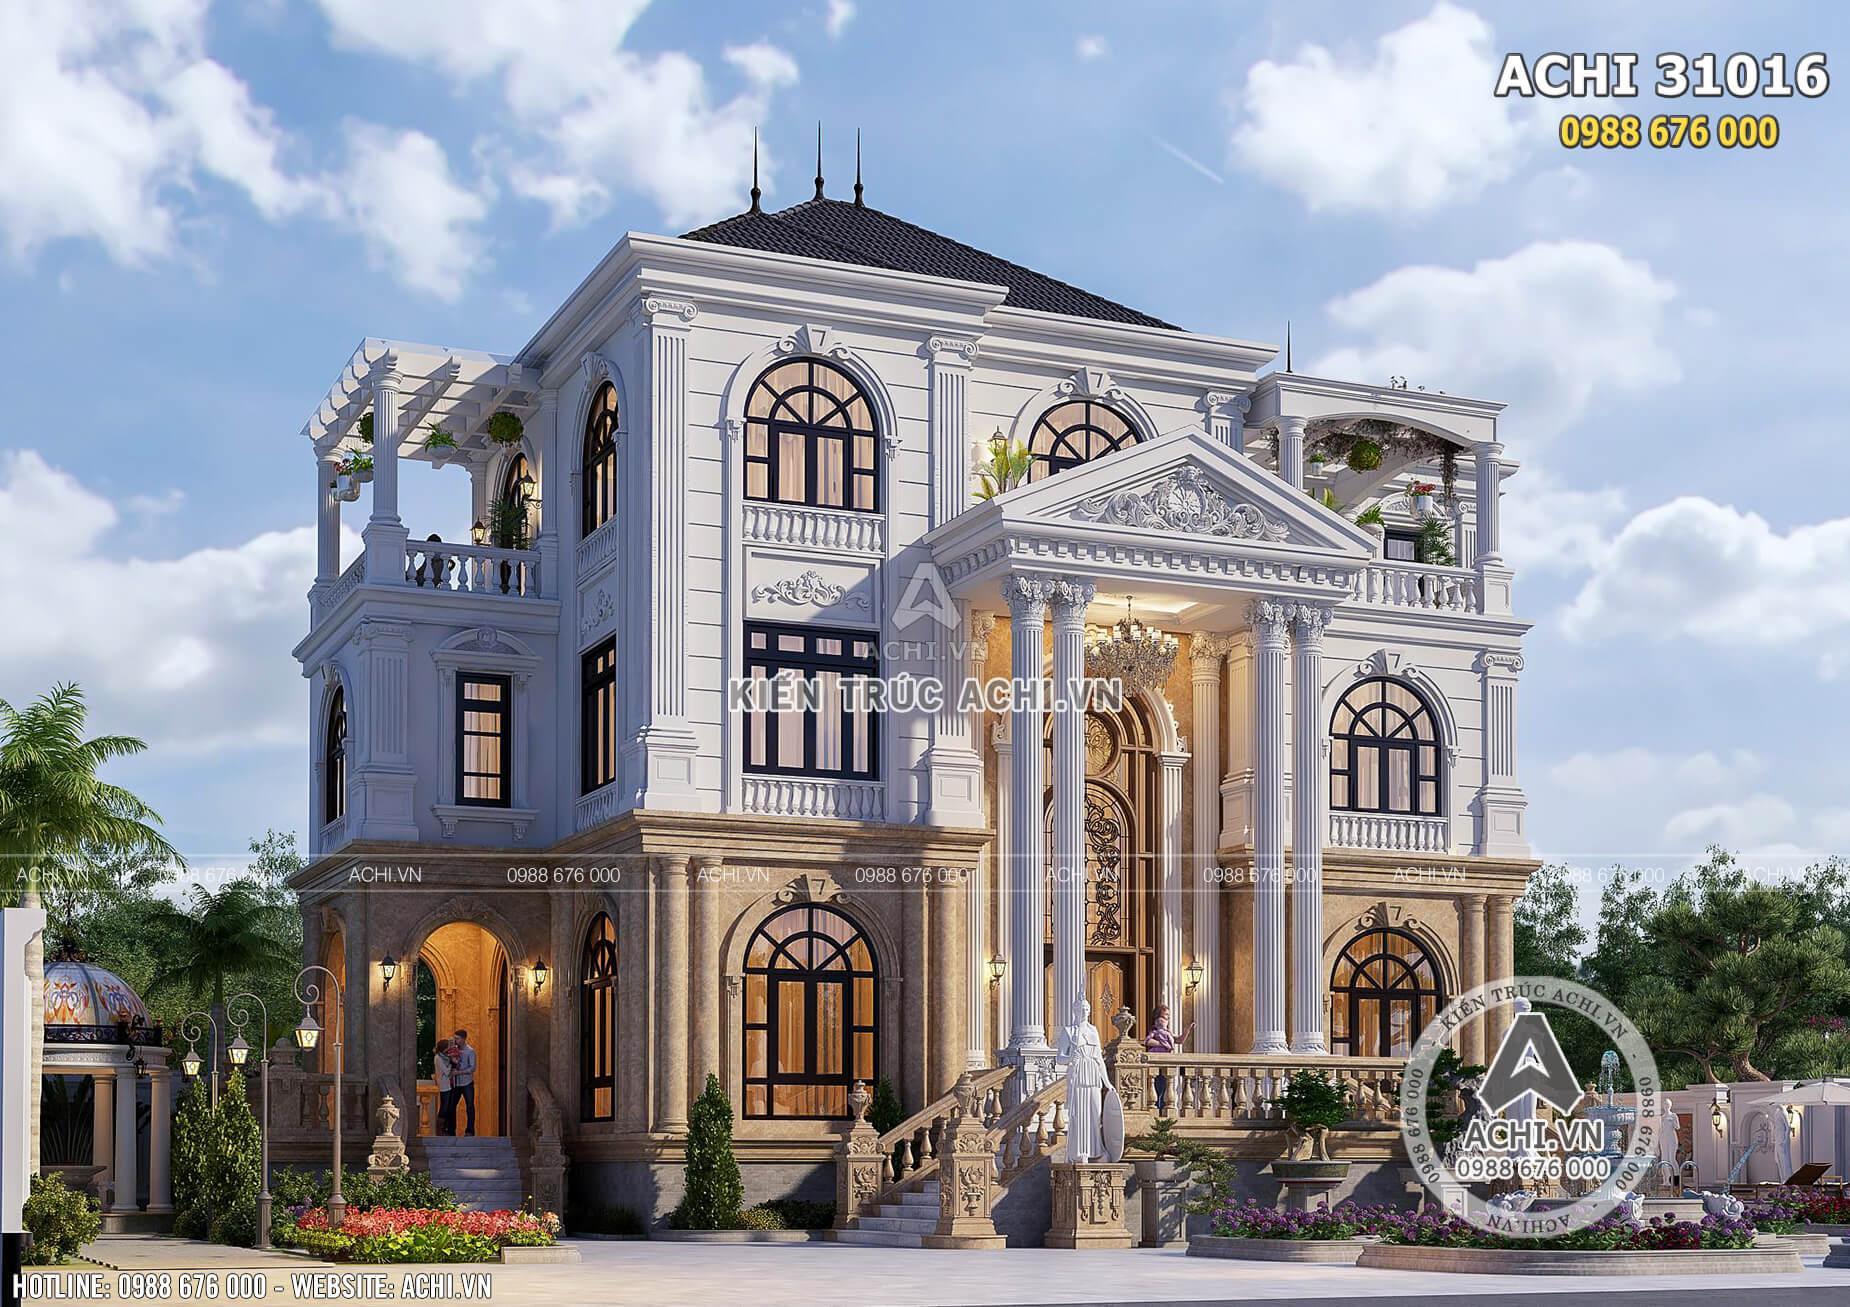 Mẫu thiết kế nhà 3 tầng đẹp tân cổ điển tại Quảng Trị - ACHI 31016